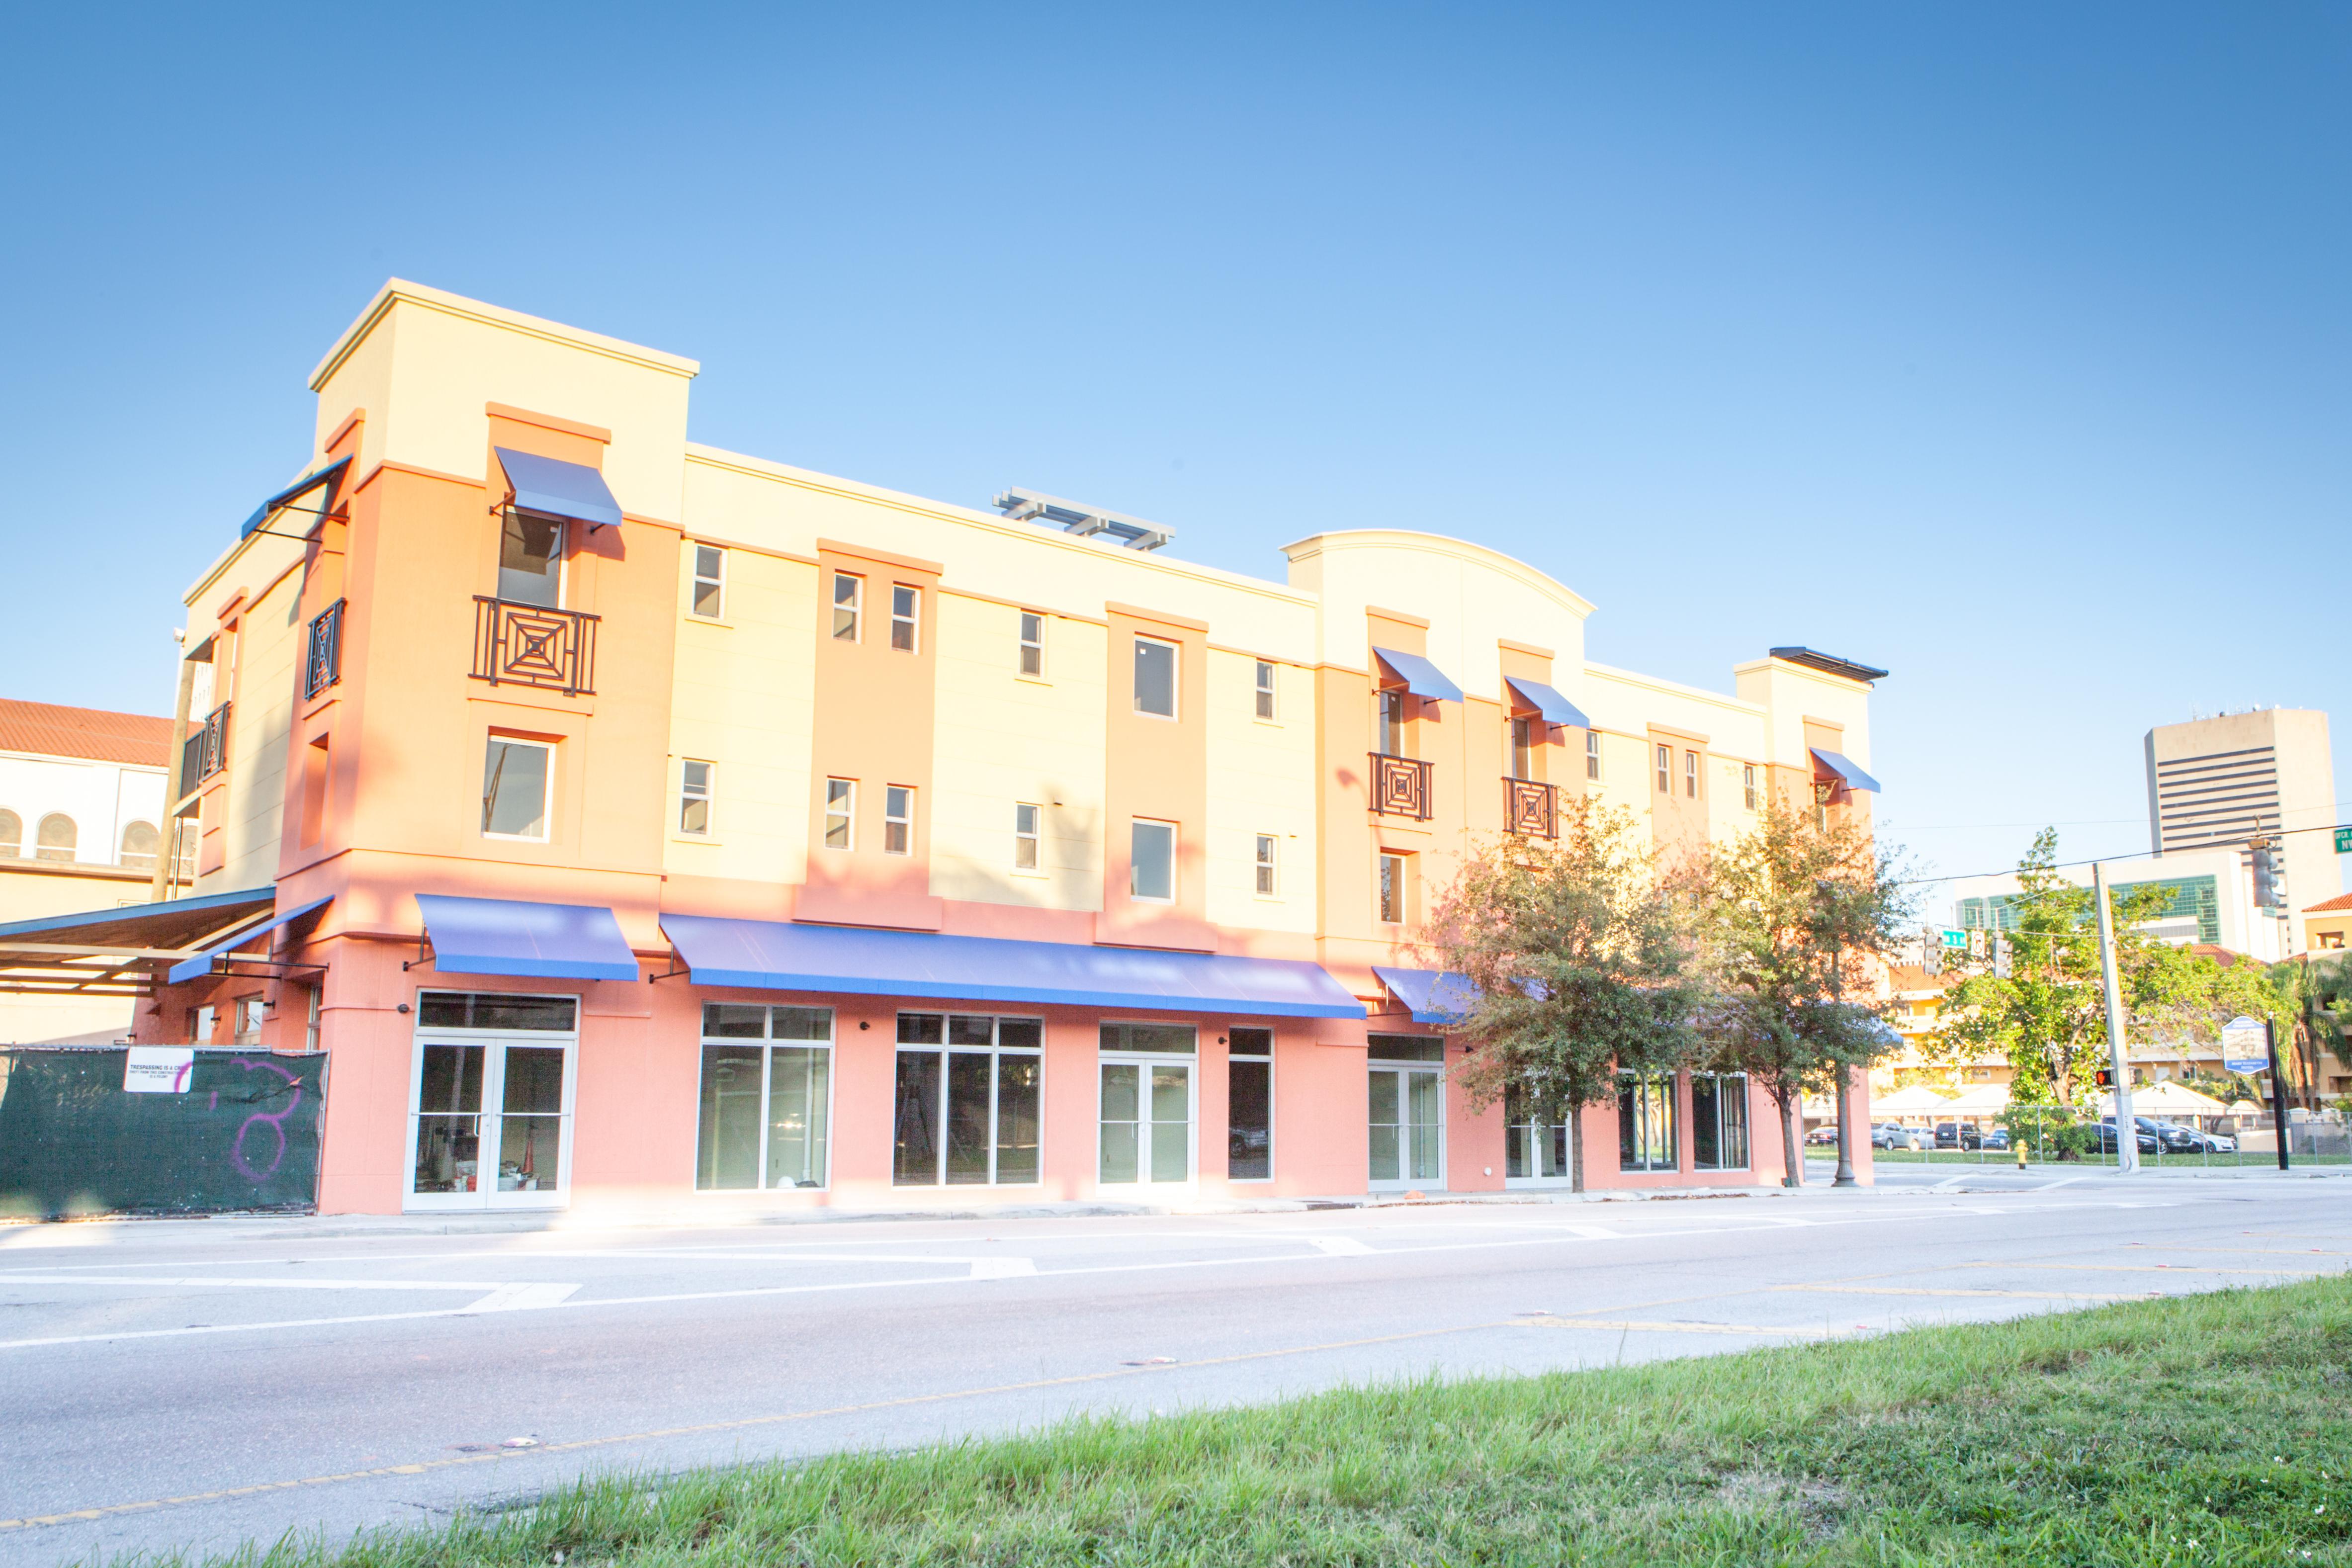 Carver Shops Apartments